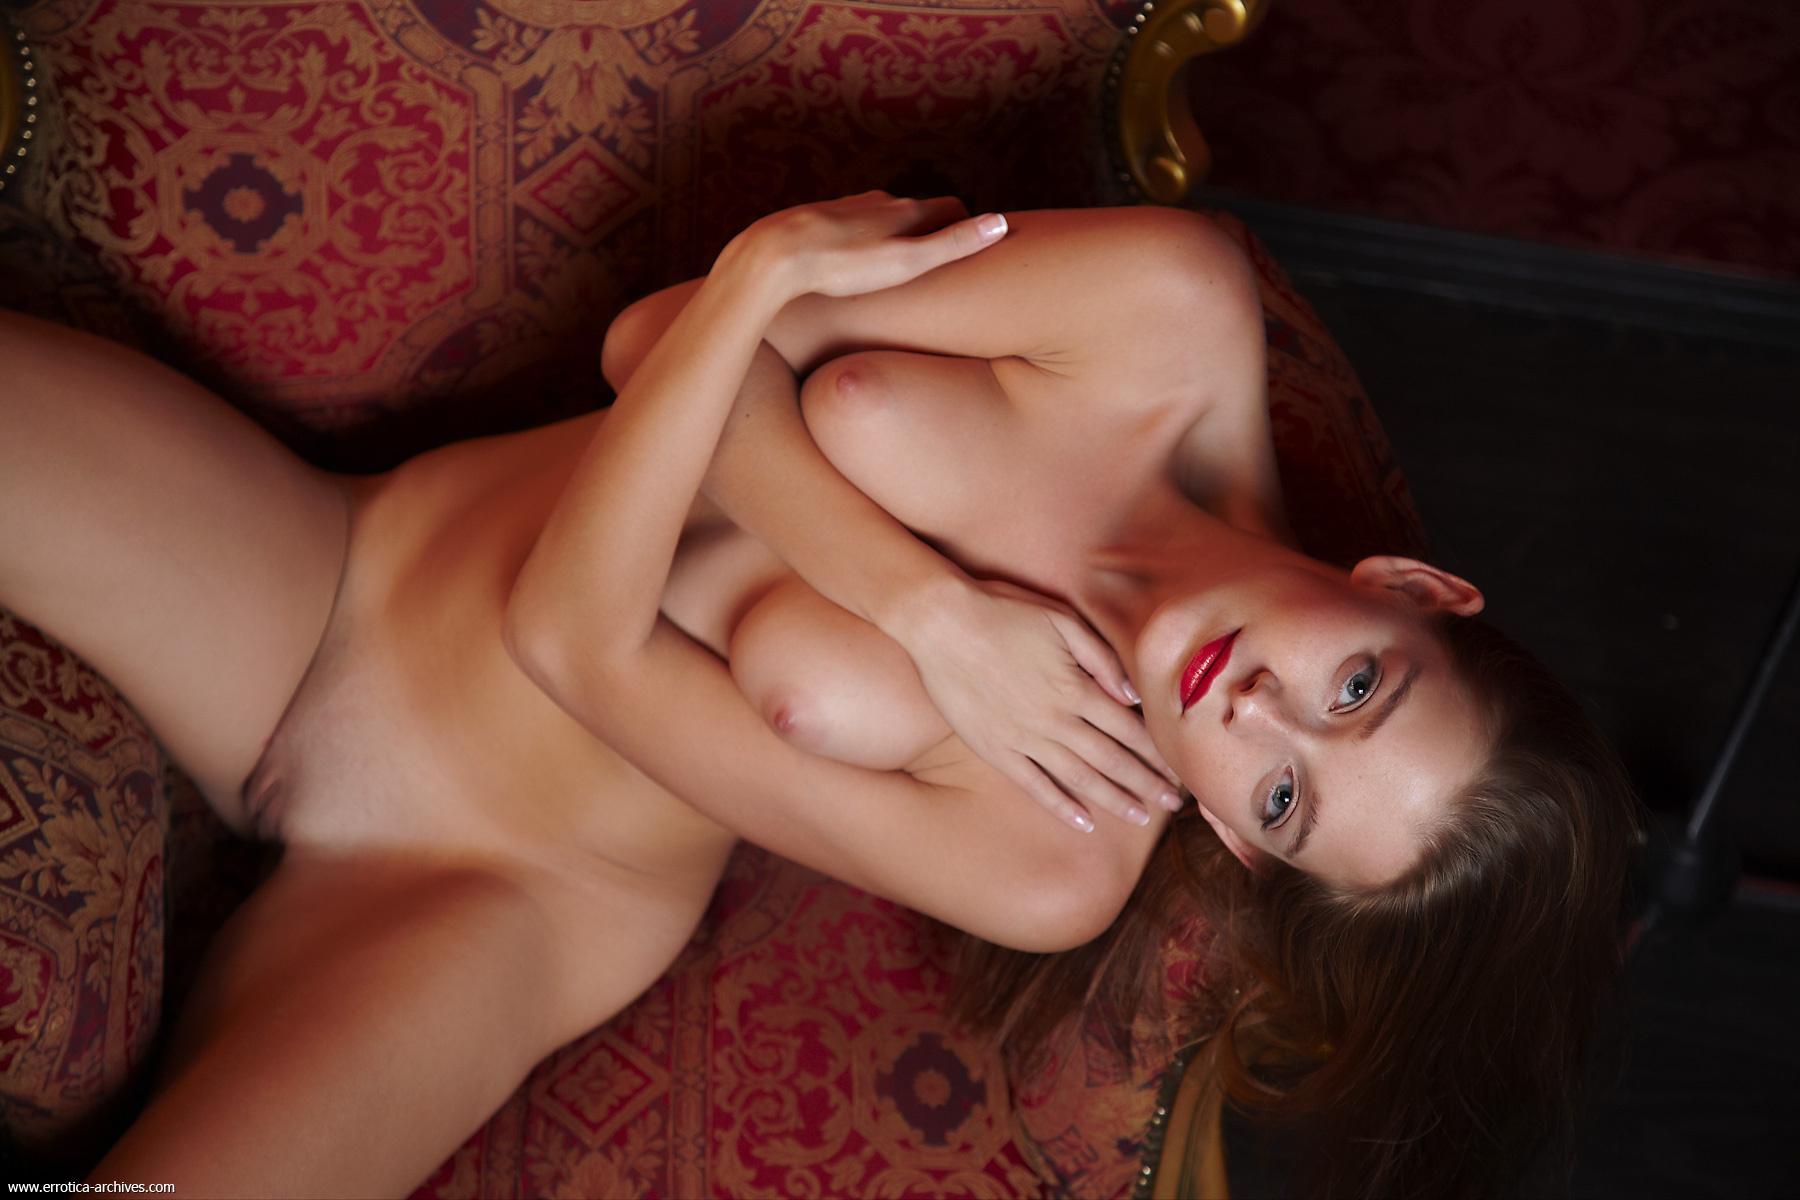 Проститутки с накрашенными губами 16 фотография